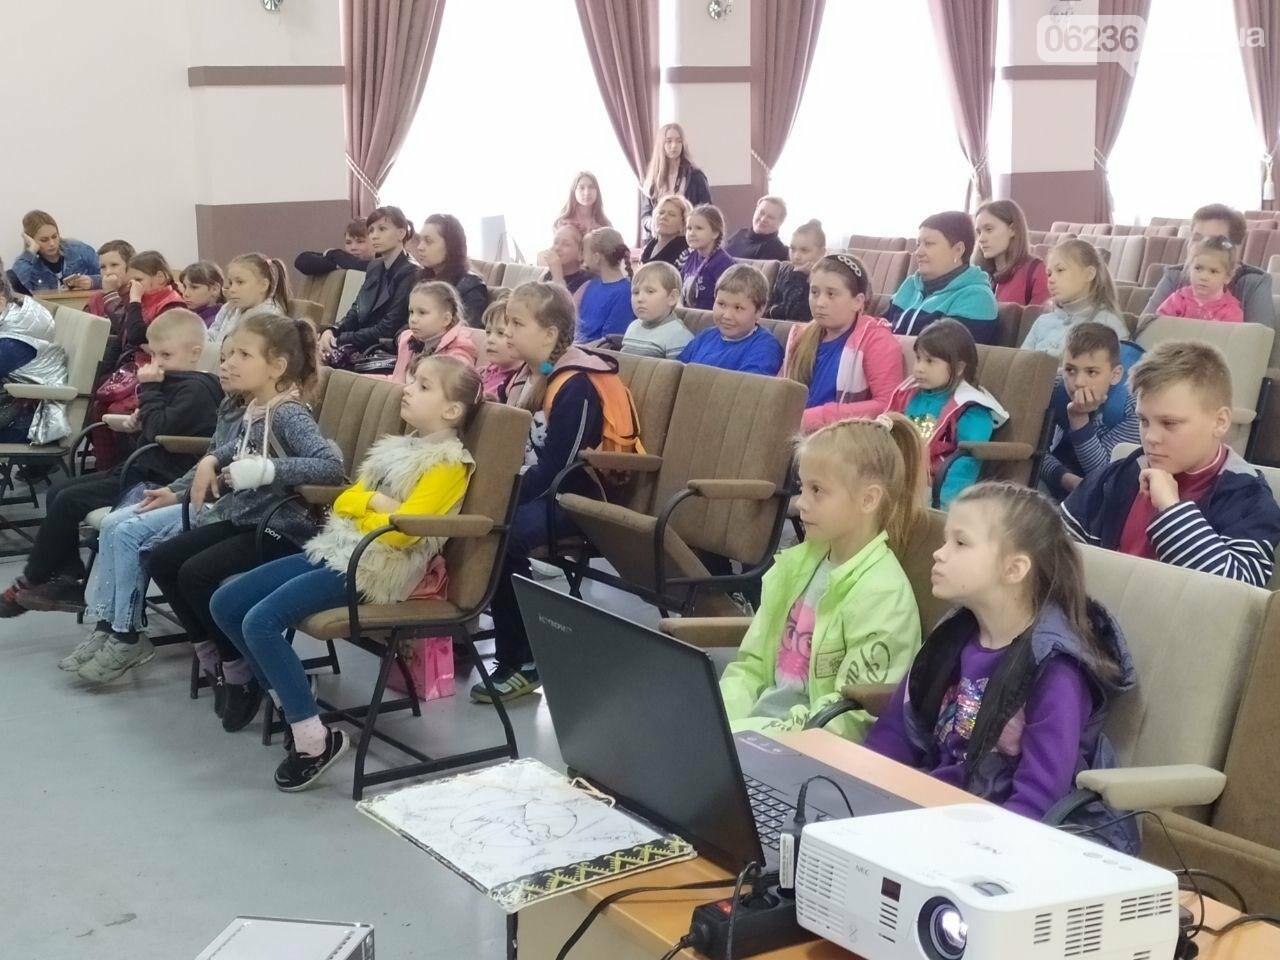 Авдеевка ФМ: детские писатели Сашко Дерманский и Лана Ра встретились с авдеевскими читателями (ФОТО), фото-2